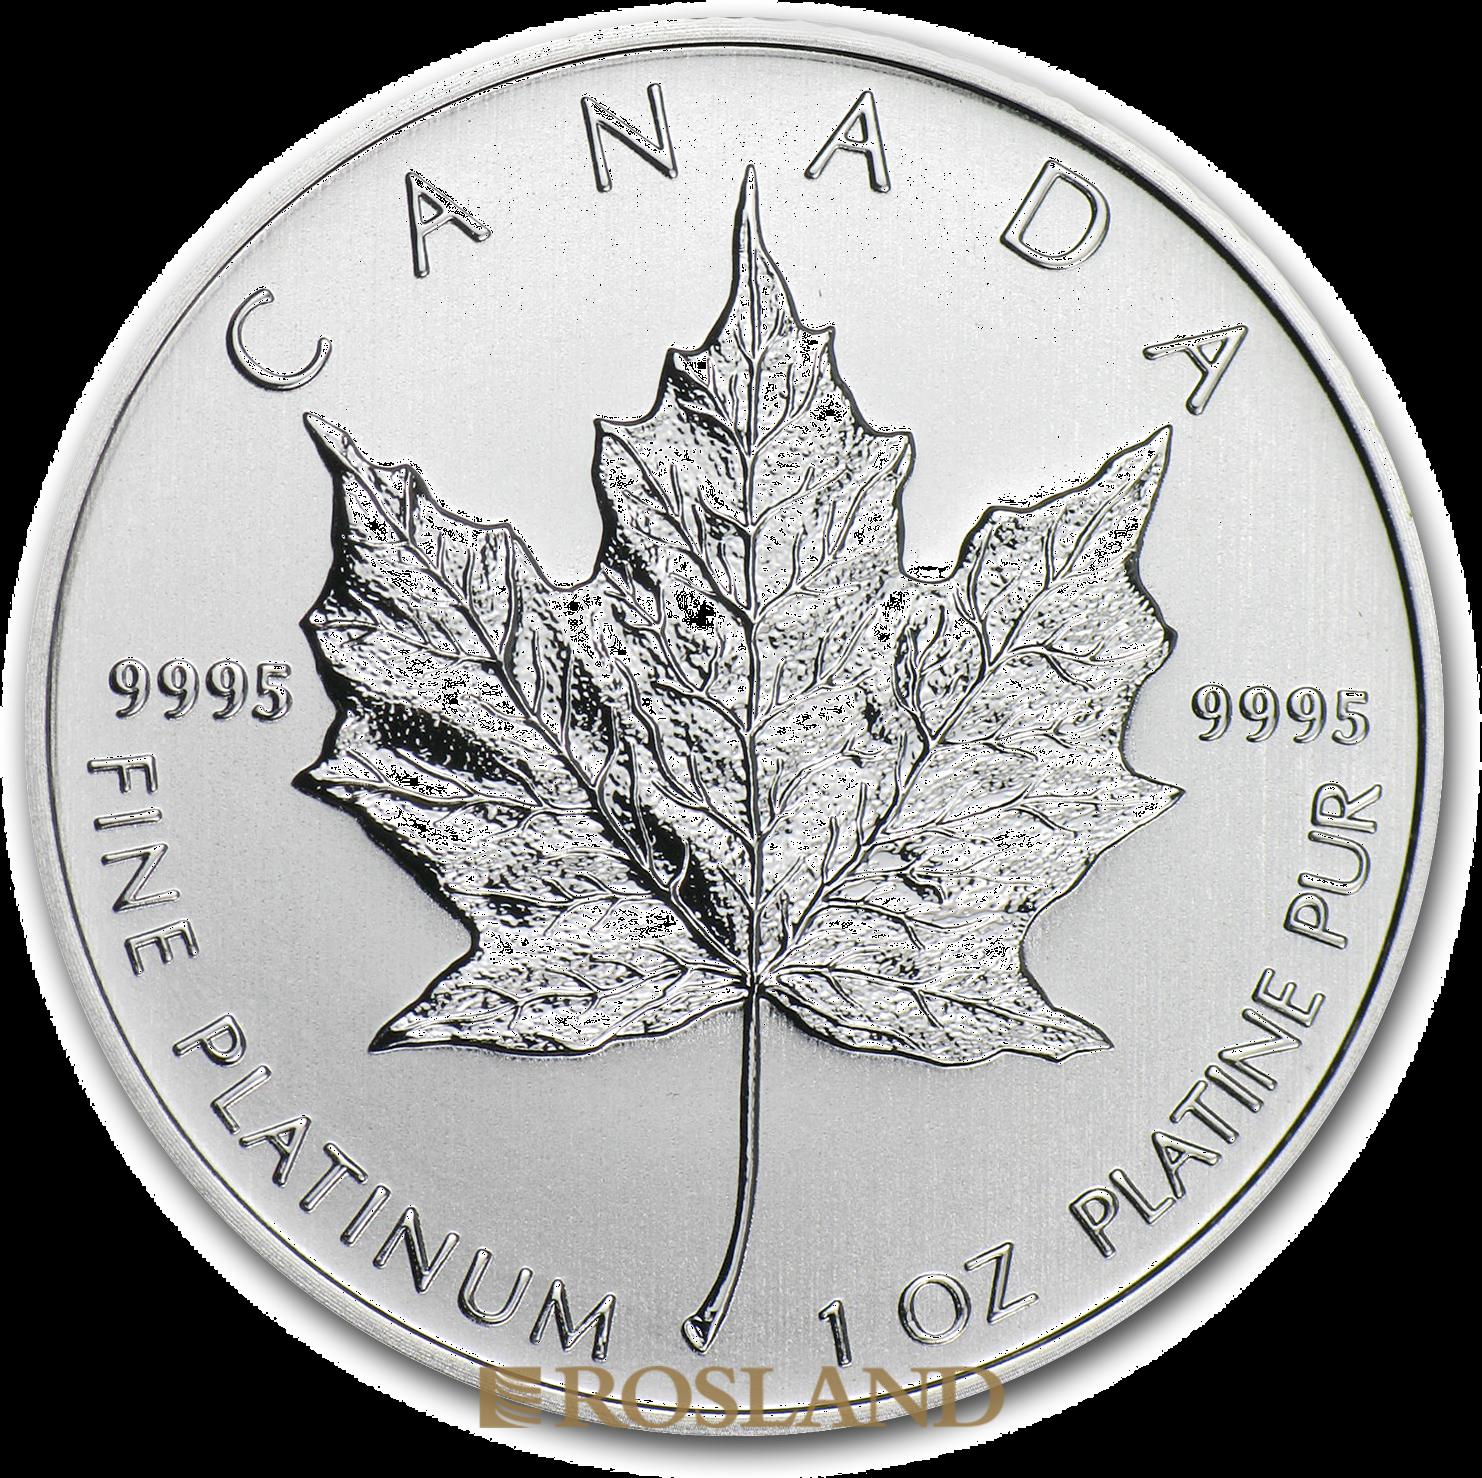 1 Unze Platinmünze Kanada Maple Leaf 2013